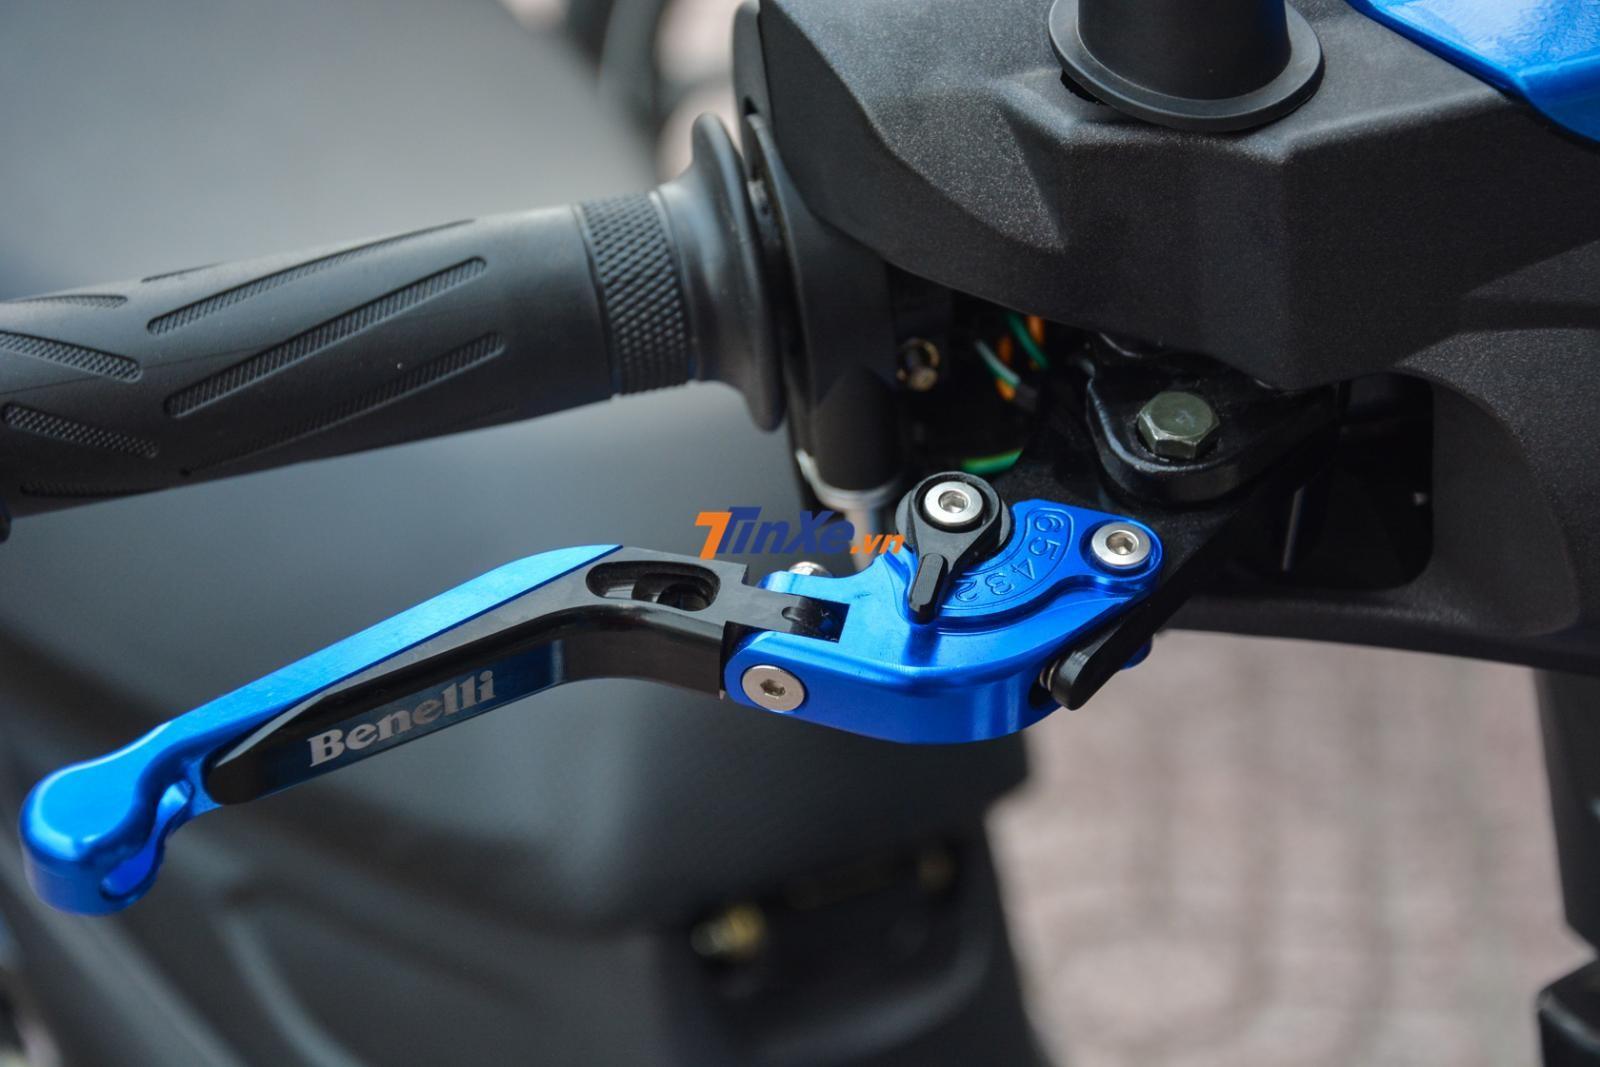 Với số tiền độ thêm 3 đến 4 triệu đồng, các khách hàng sẽ có chiếc Benelli RFS 150i với tay thắng độ chỉnh 6 cấp màu xanh dương rất đẹp mắt